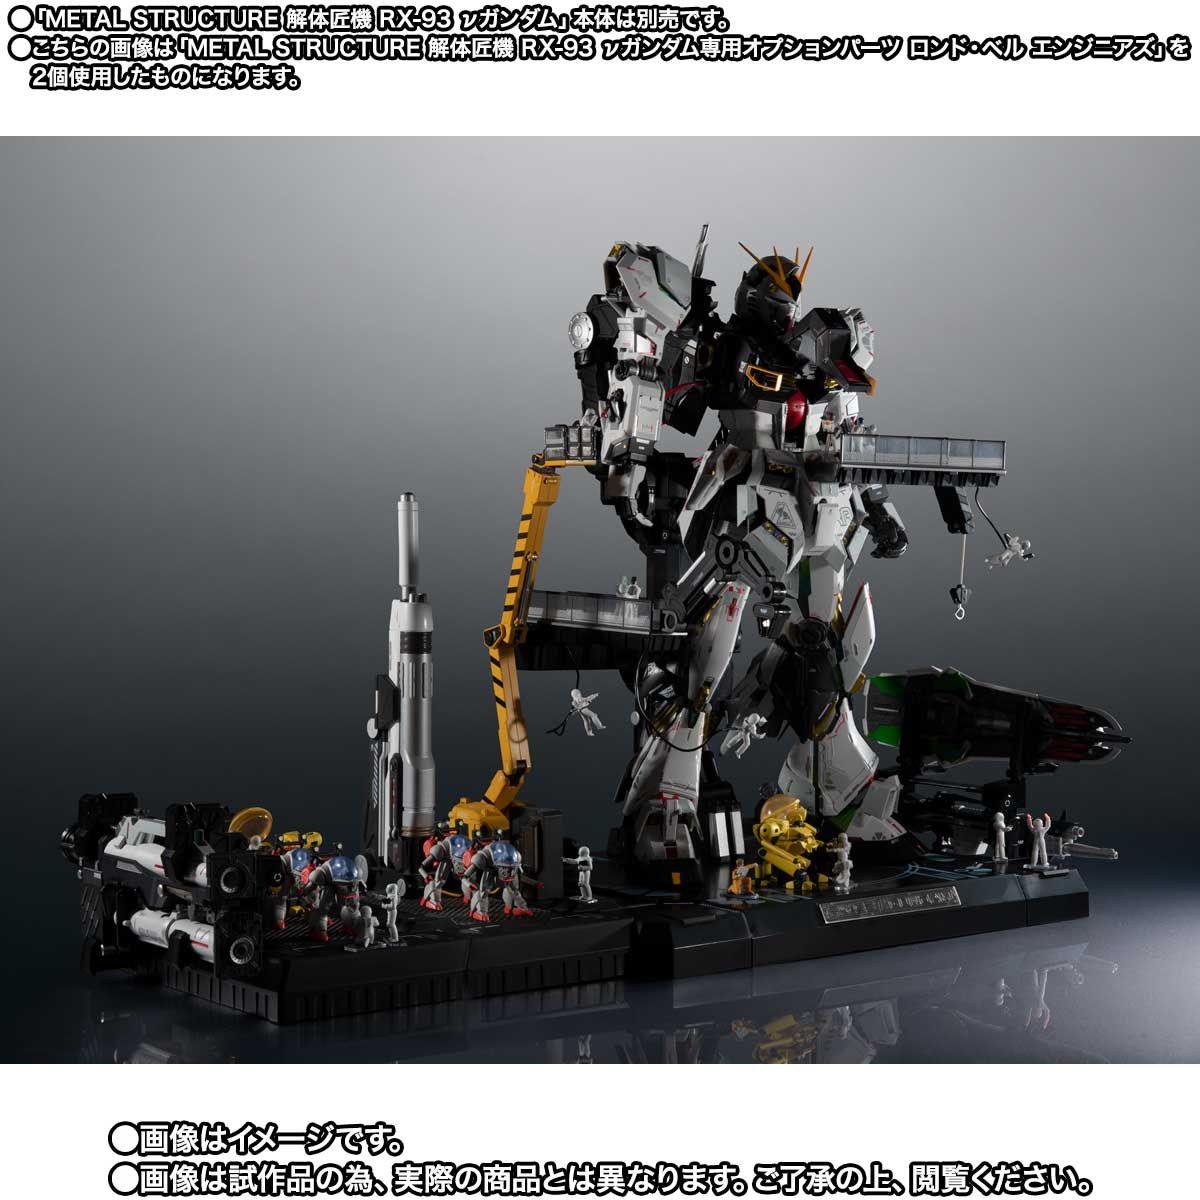 【限定販売】METAL STRUCTURE 解体匠機 RX-93 νガンダム専用オプションパーツ『ロンド・ベルエンジニアズ』セット-004